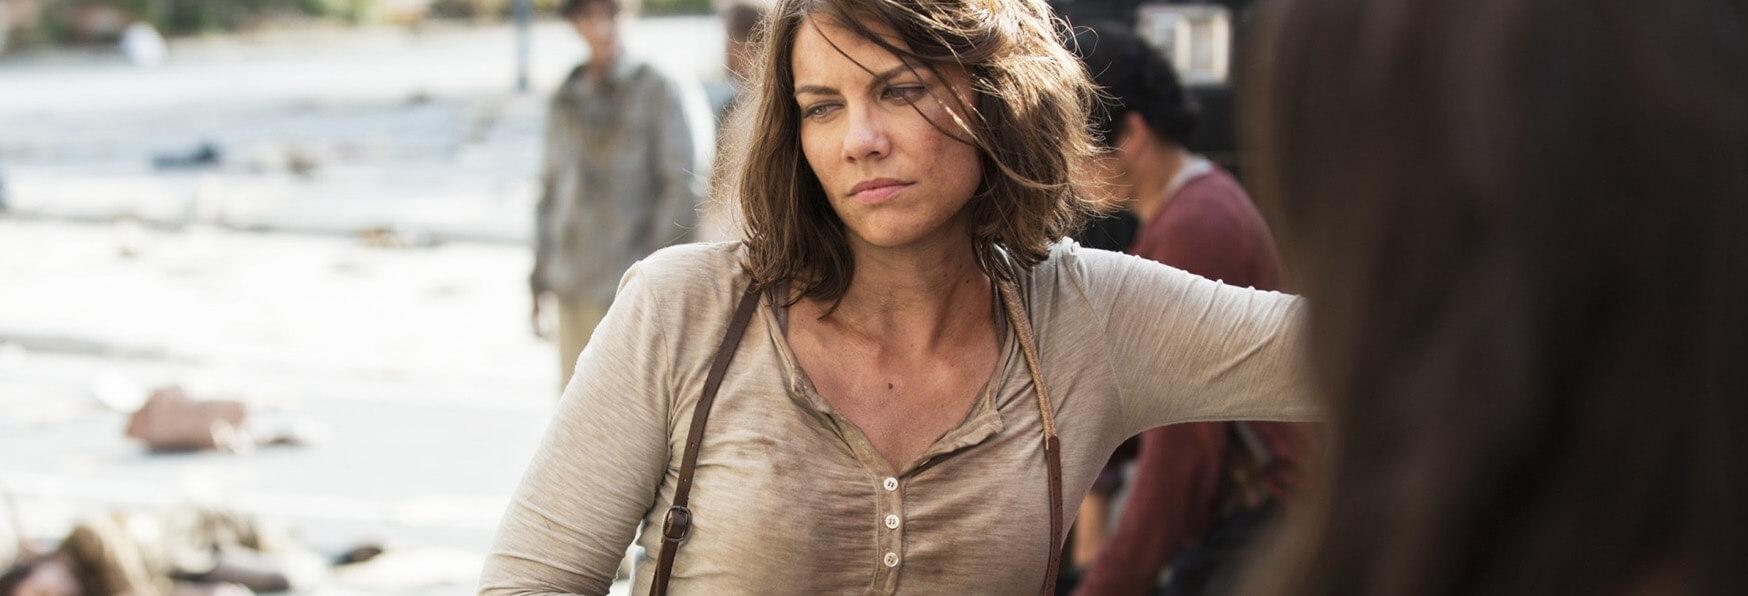 The Walking Dead 9: possibile Anticipazione sul Destino di Maggie